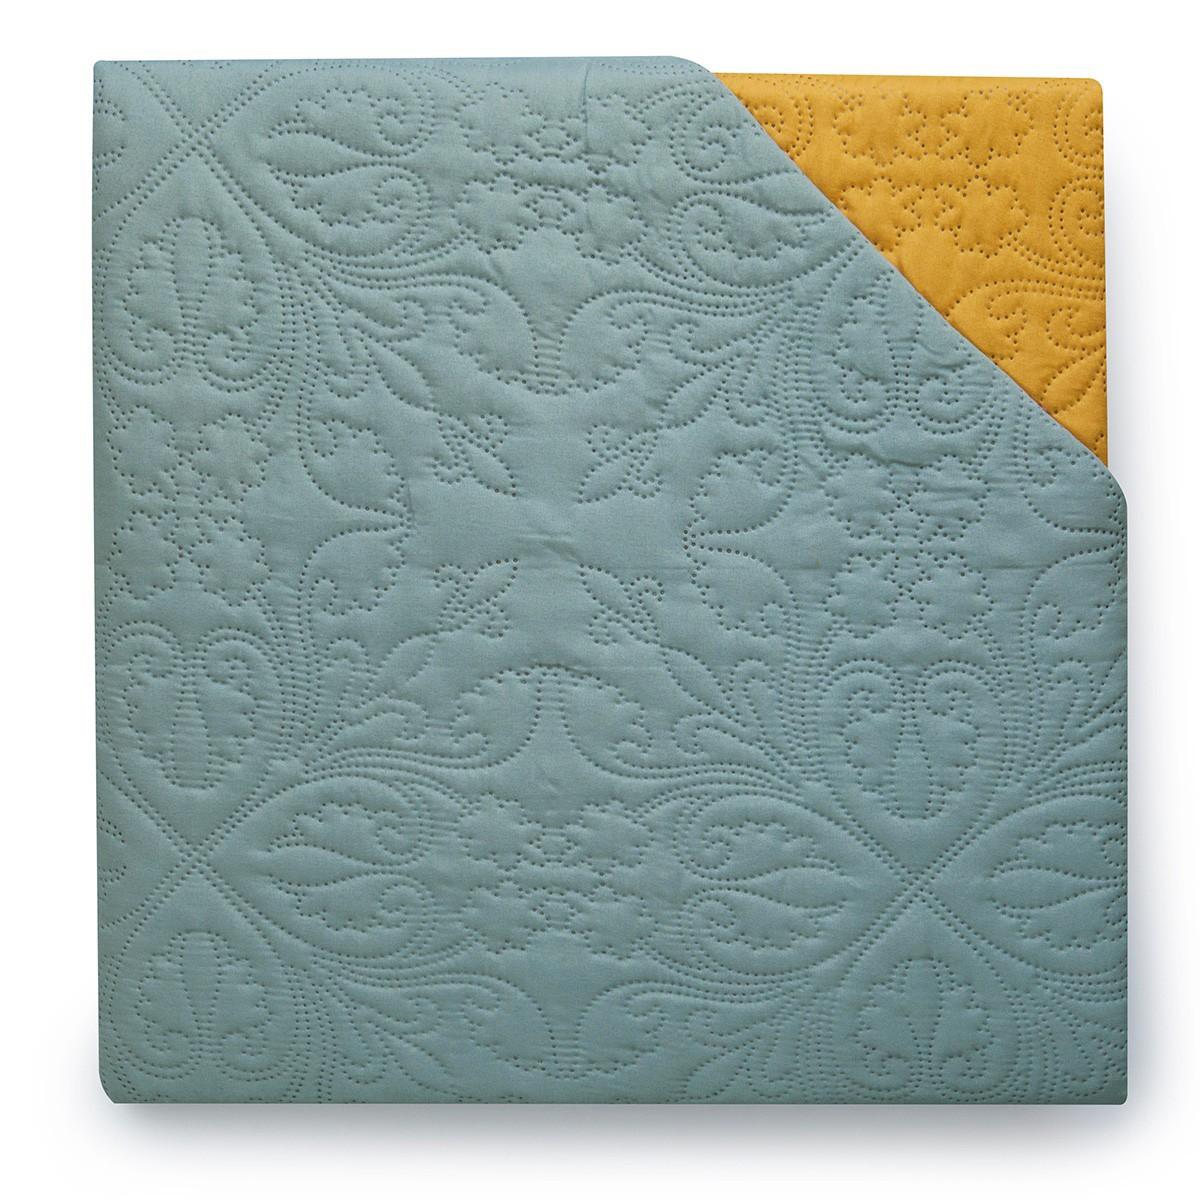 Κουβερλί Μονό Διπλής Όψης Melinen Silver Blue/Mustard 73352